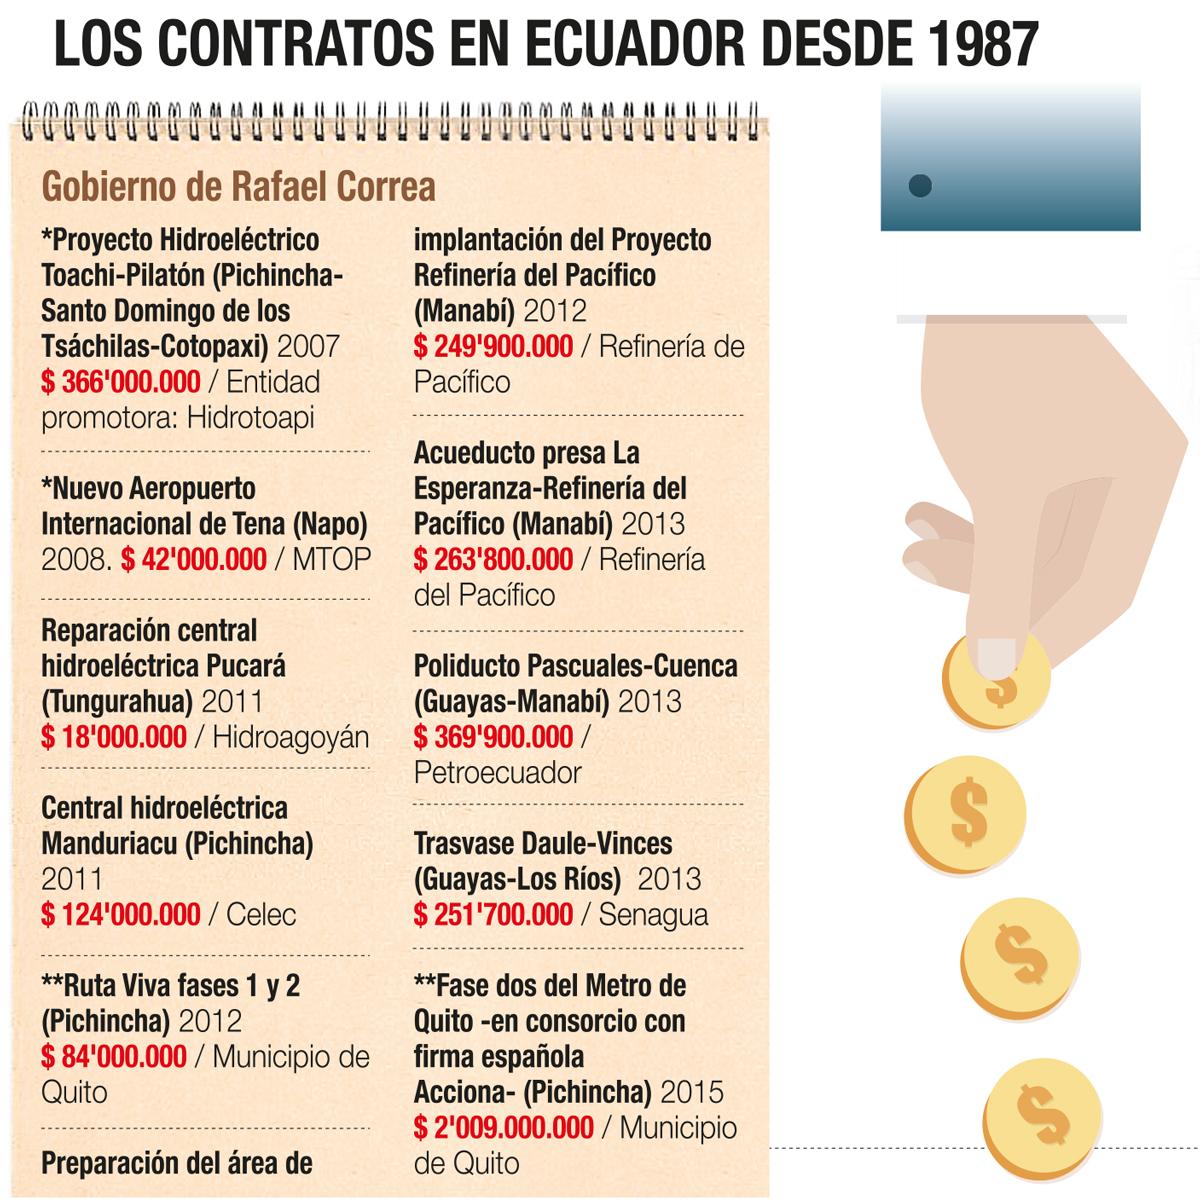 Los contratos en Ecuador